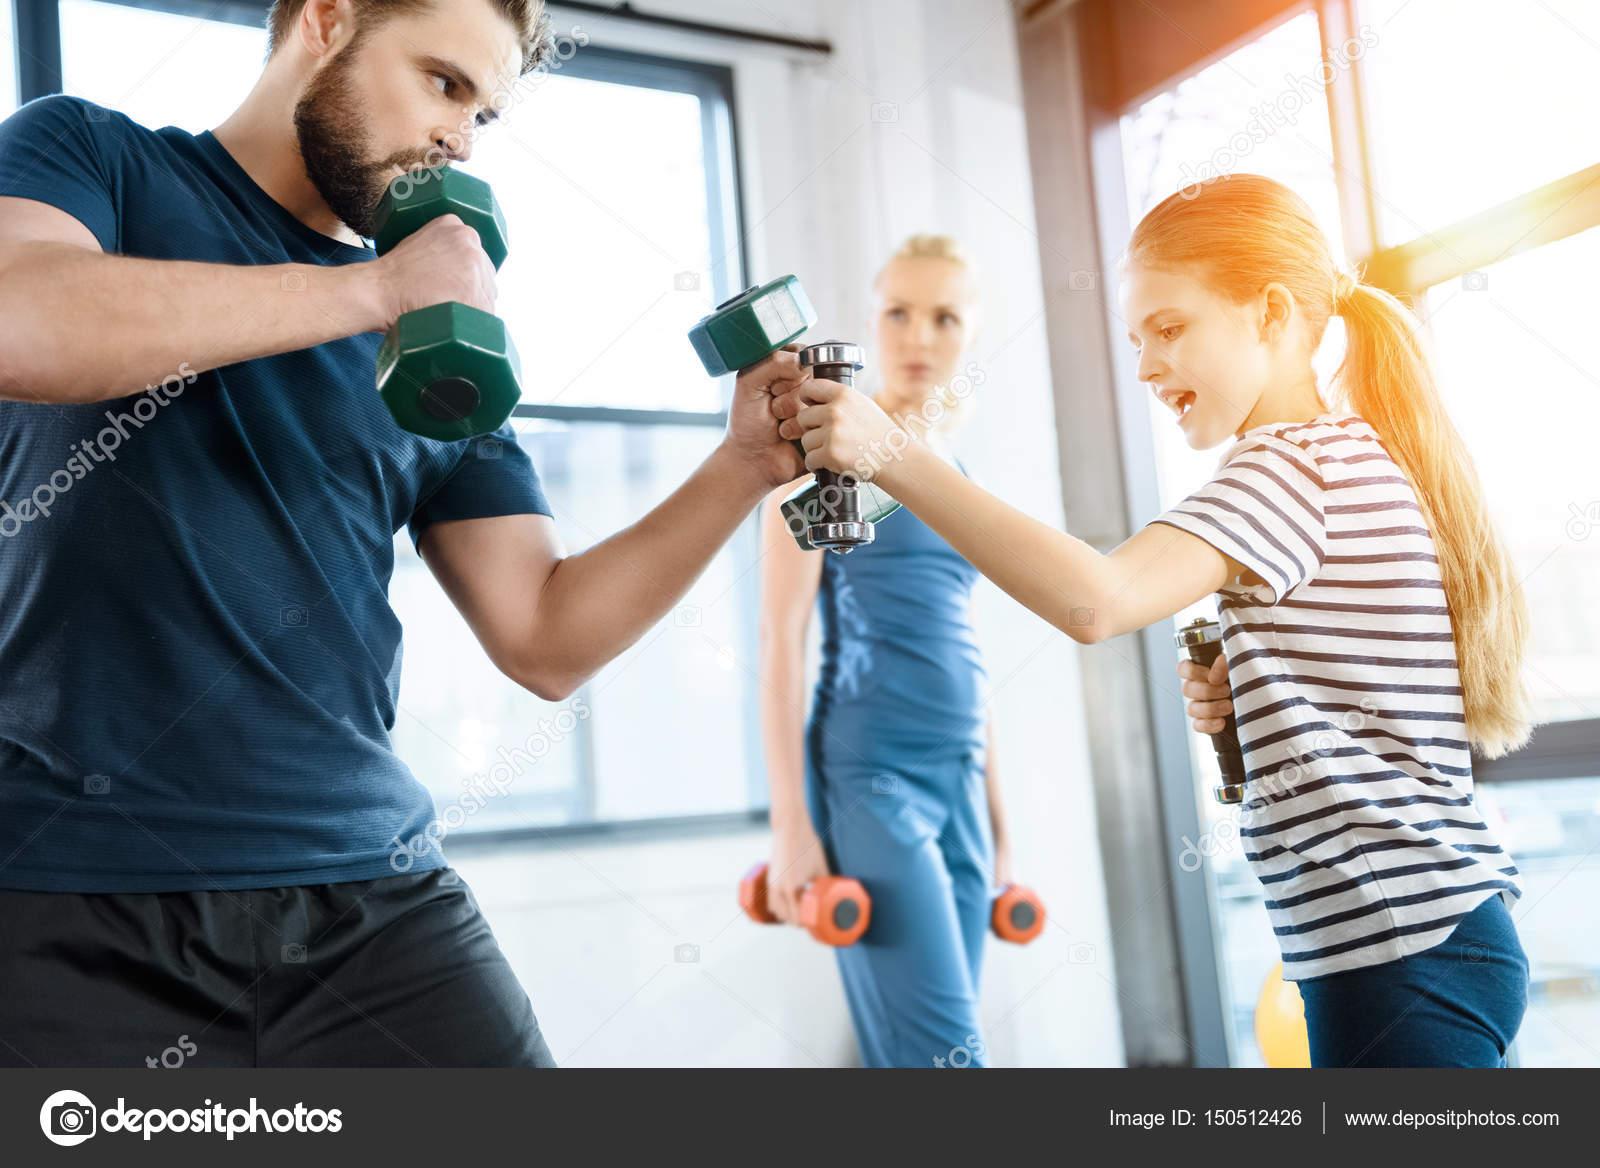 Ευτυχισμένη οικογένεια στην άσκηση με βάρη στο γυμναστήριο — Εικόνα από  ArturVerkhovetskiy bd6ef81a101